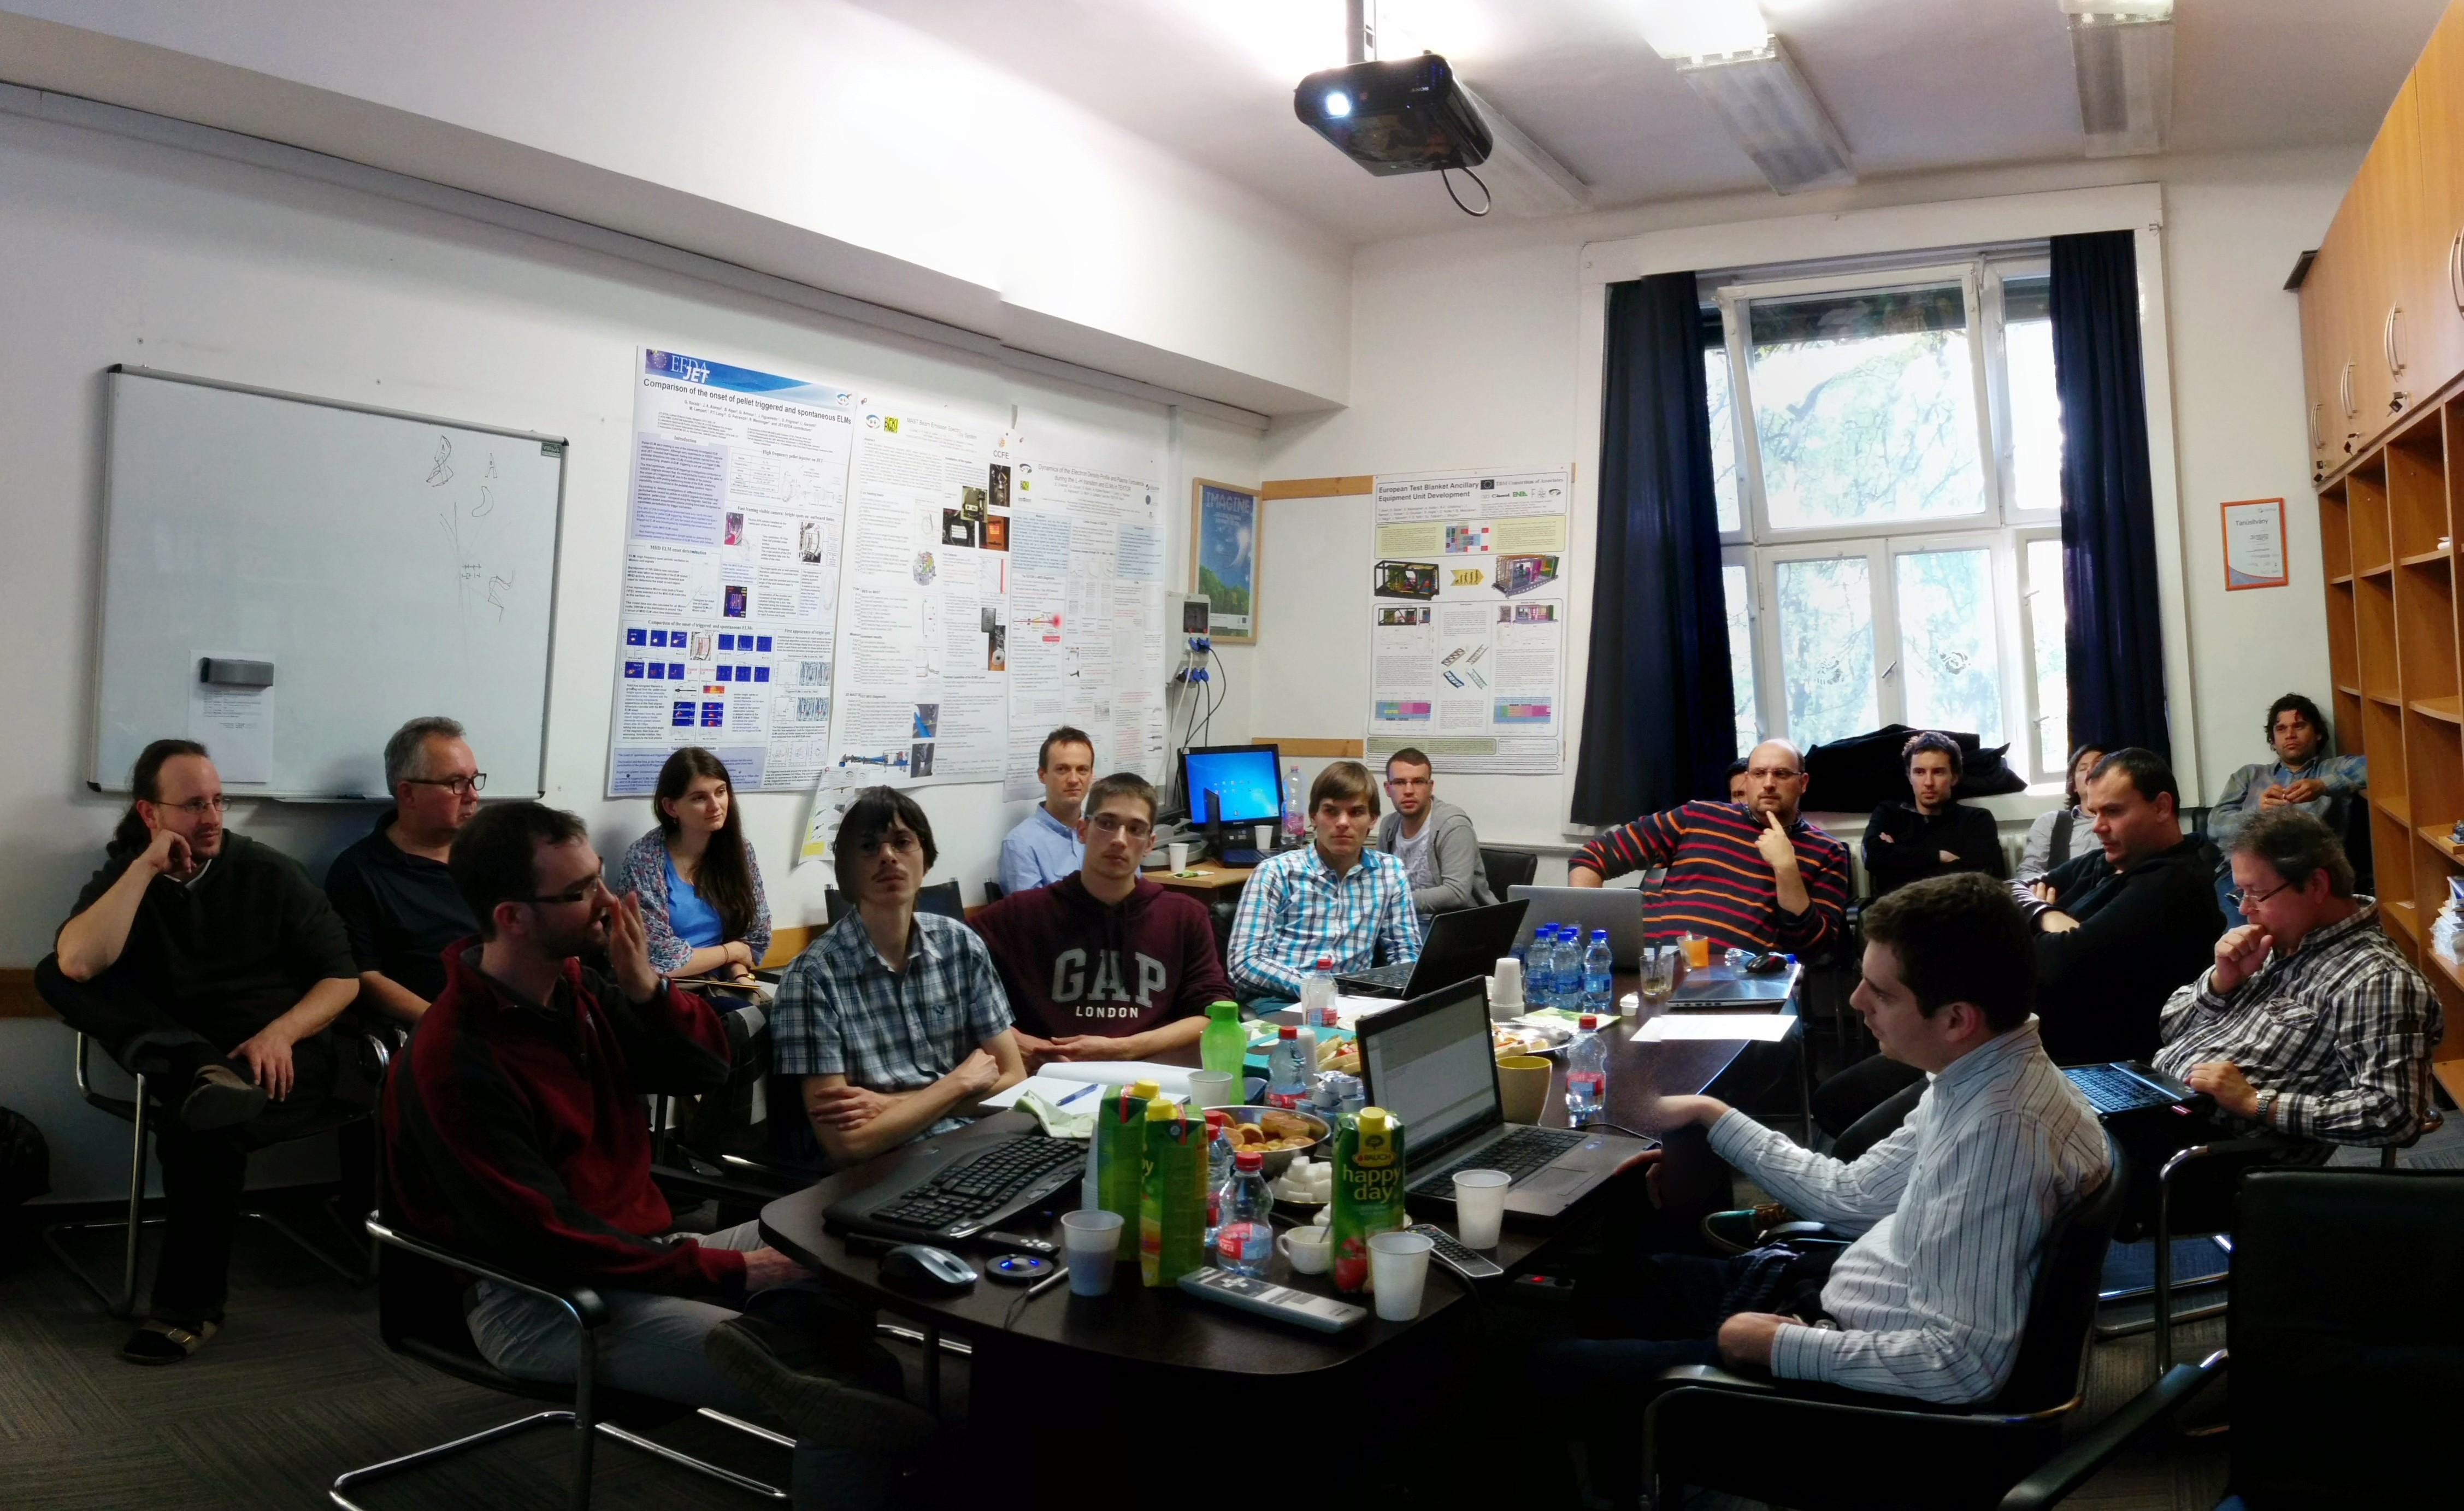 Python a fúzióban workshop a Wigner Fizikai Kutatóközpontban